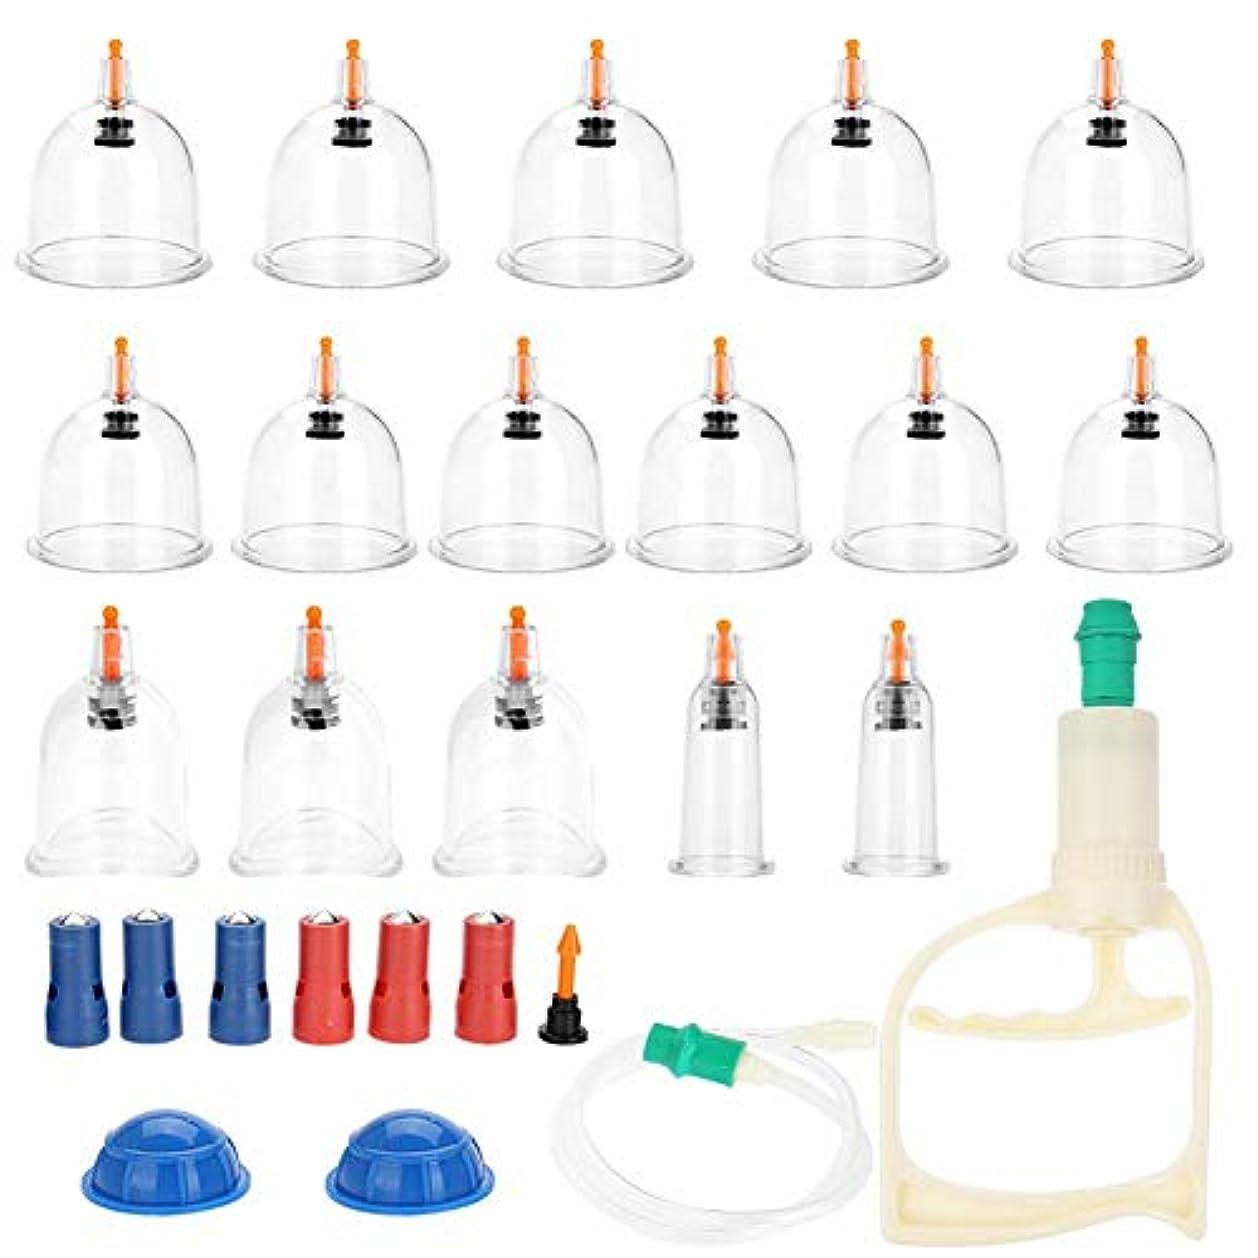 クラッシュ不格好霜カッピング - Delaman cupping、吸い玉カップ、真空吸引カッピングキット、マッサージカッピングセット、グリップハンド 真空ポンプ